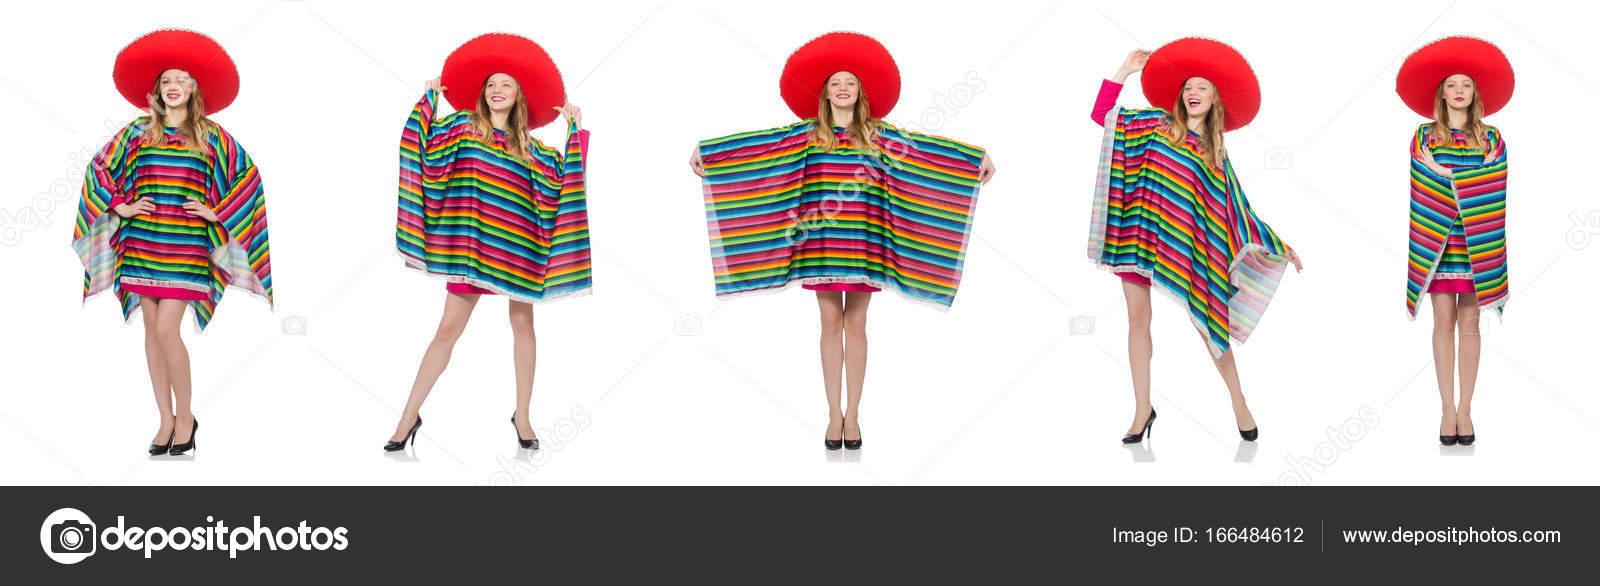 Mexikanische Mädchen hübsch